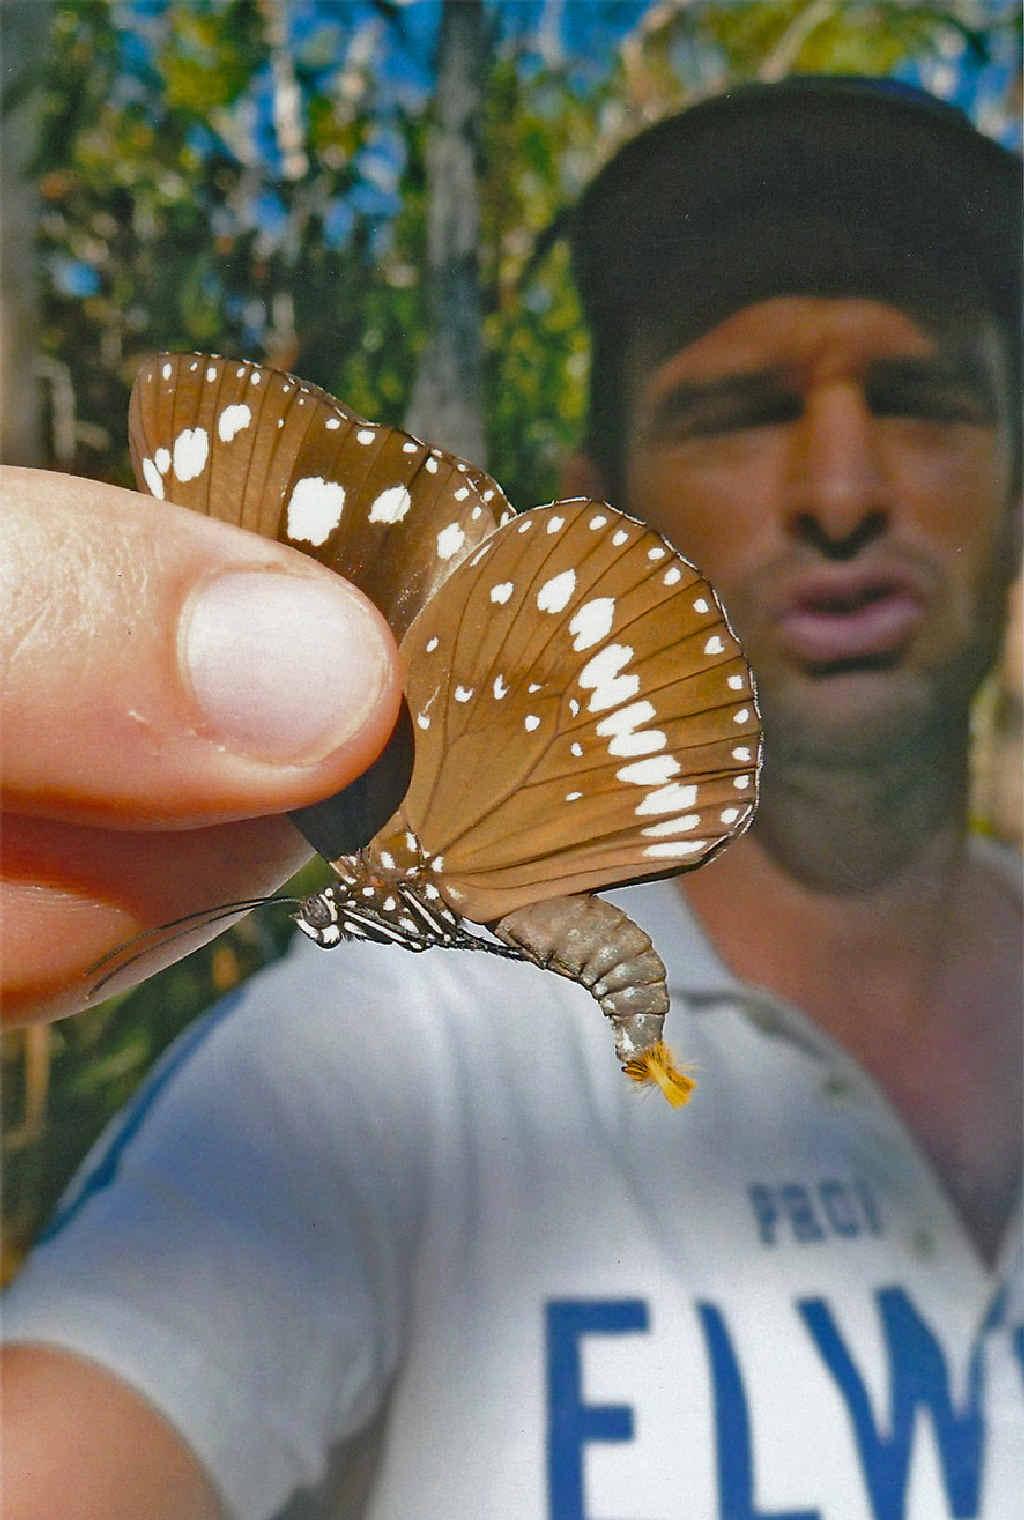 UP CLOSE: David St Henry holds a butterfly.